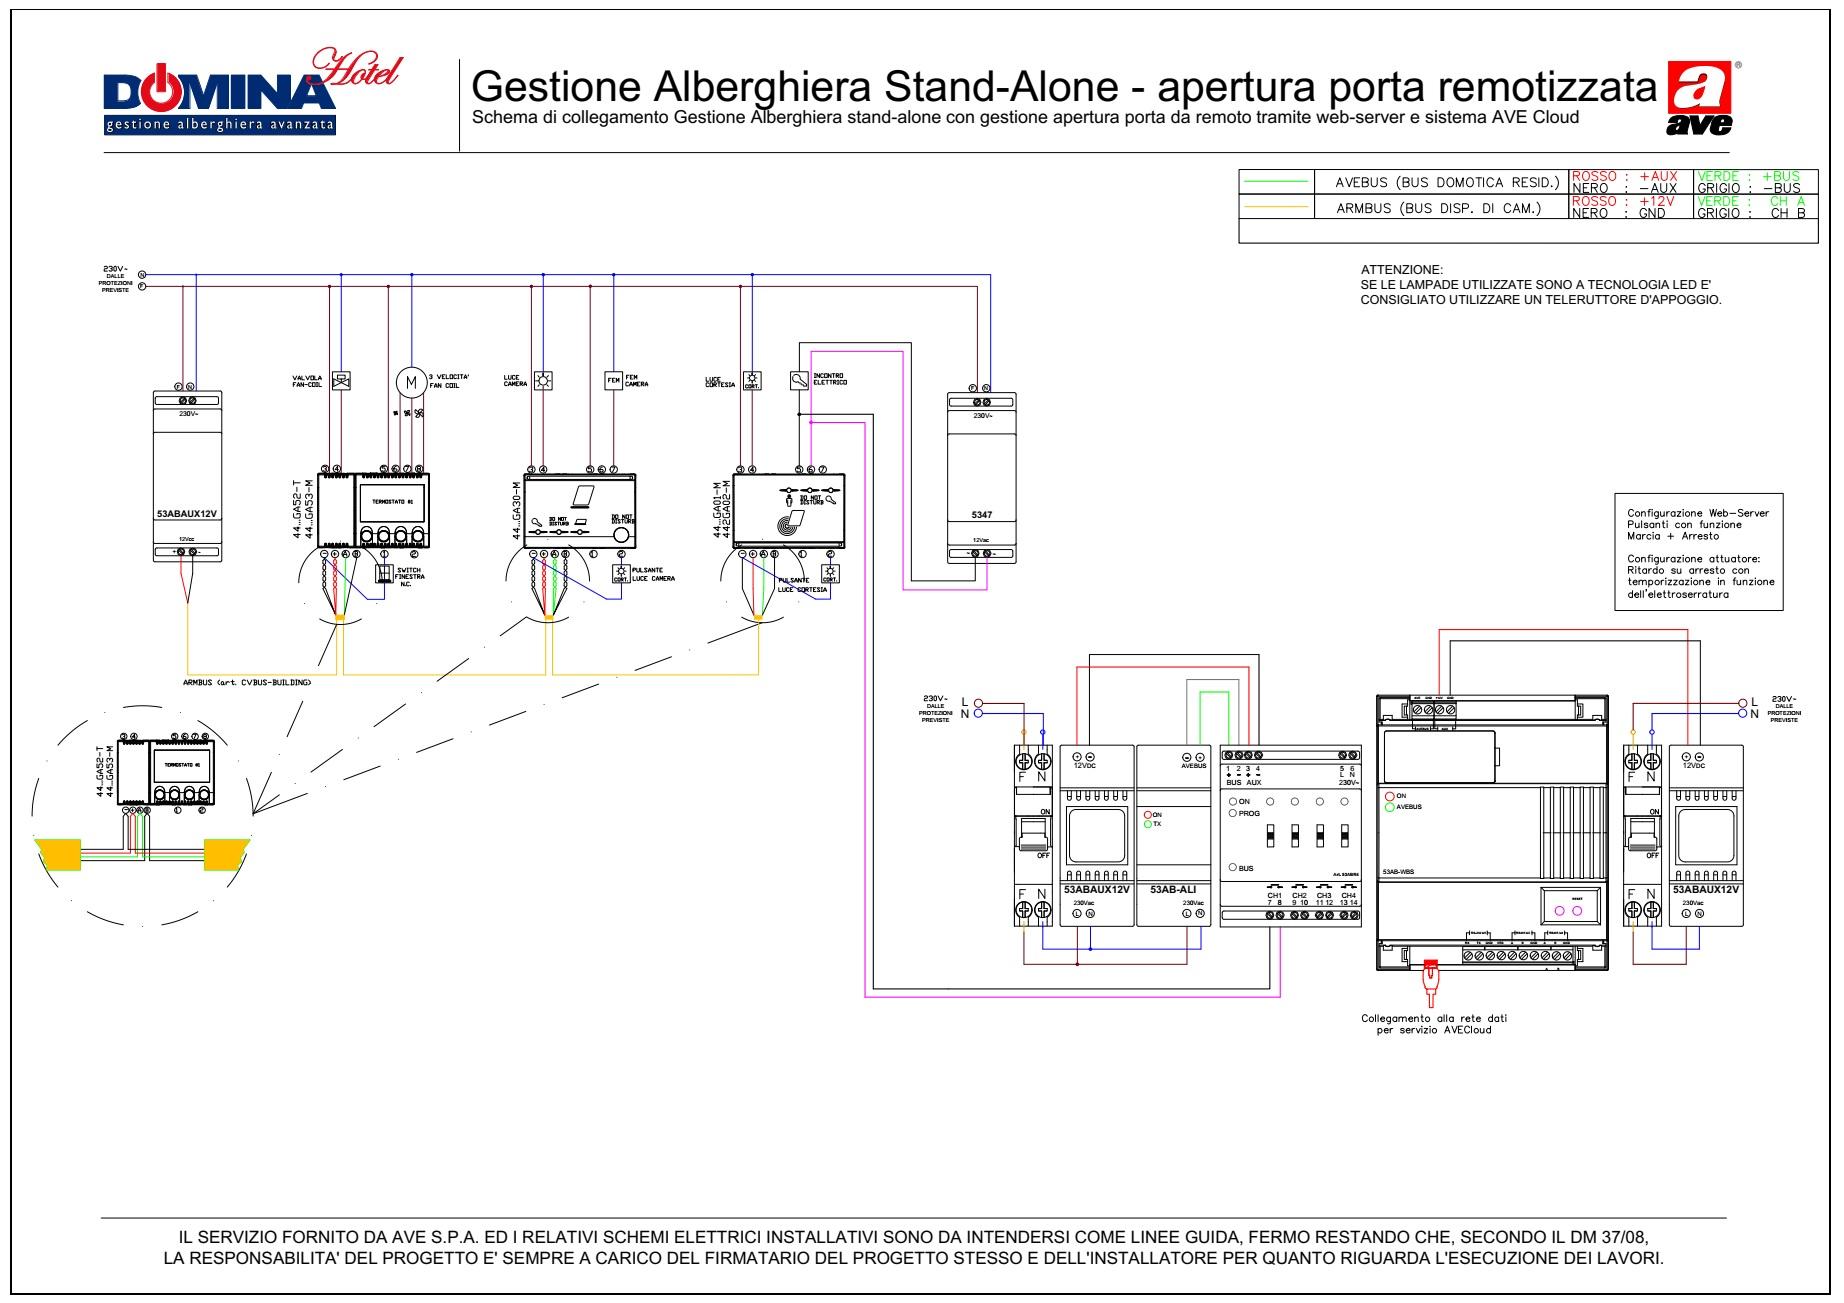 Gestione Alberghiera stand-alone con gestione apertura porta da remoto